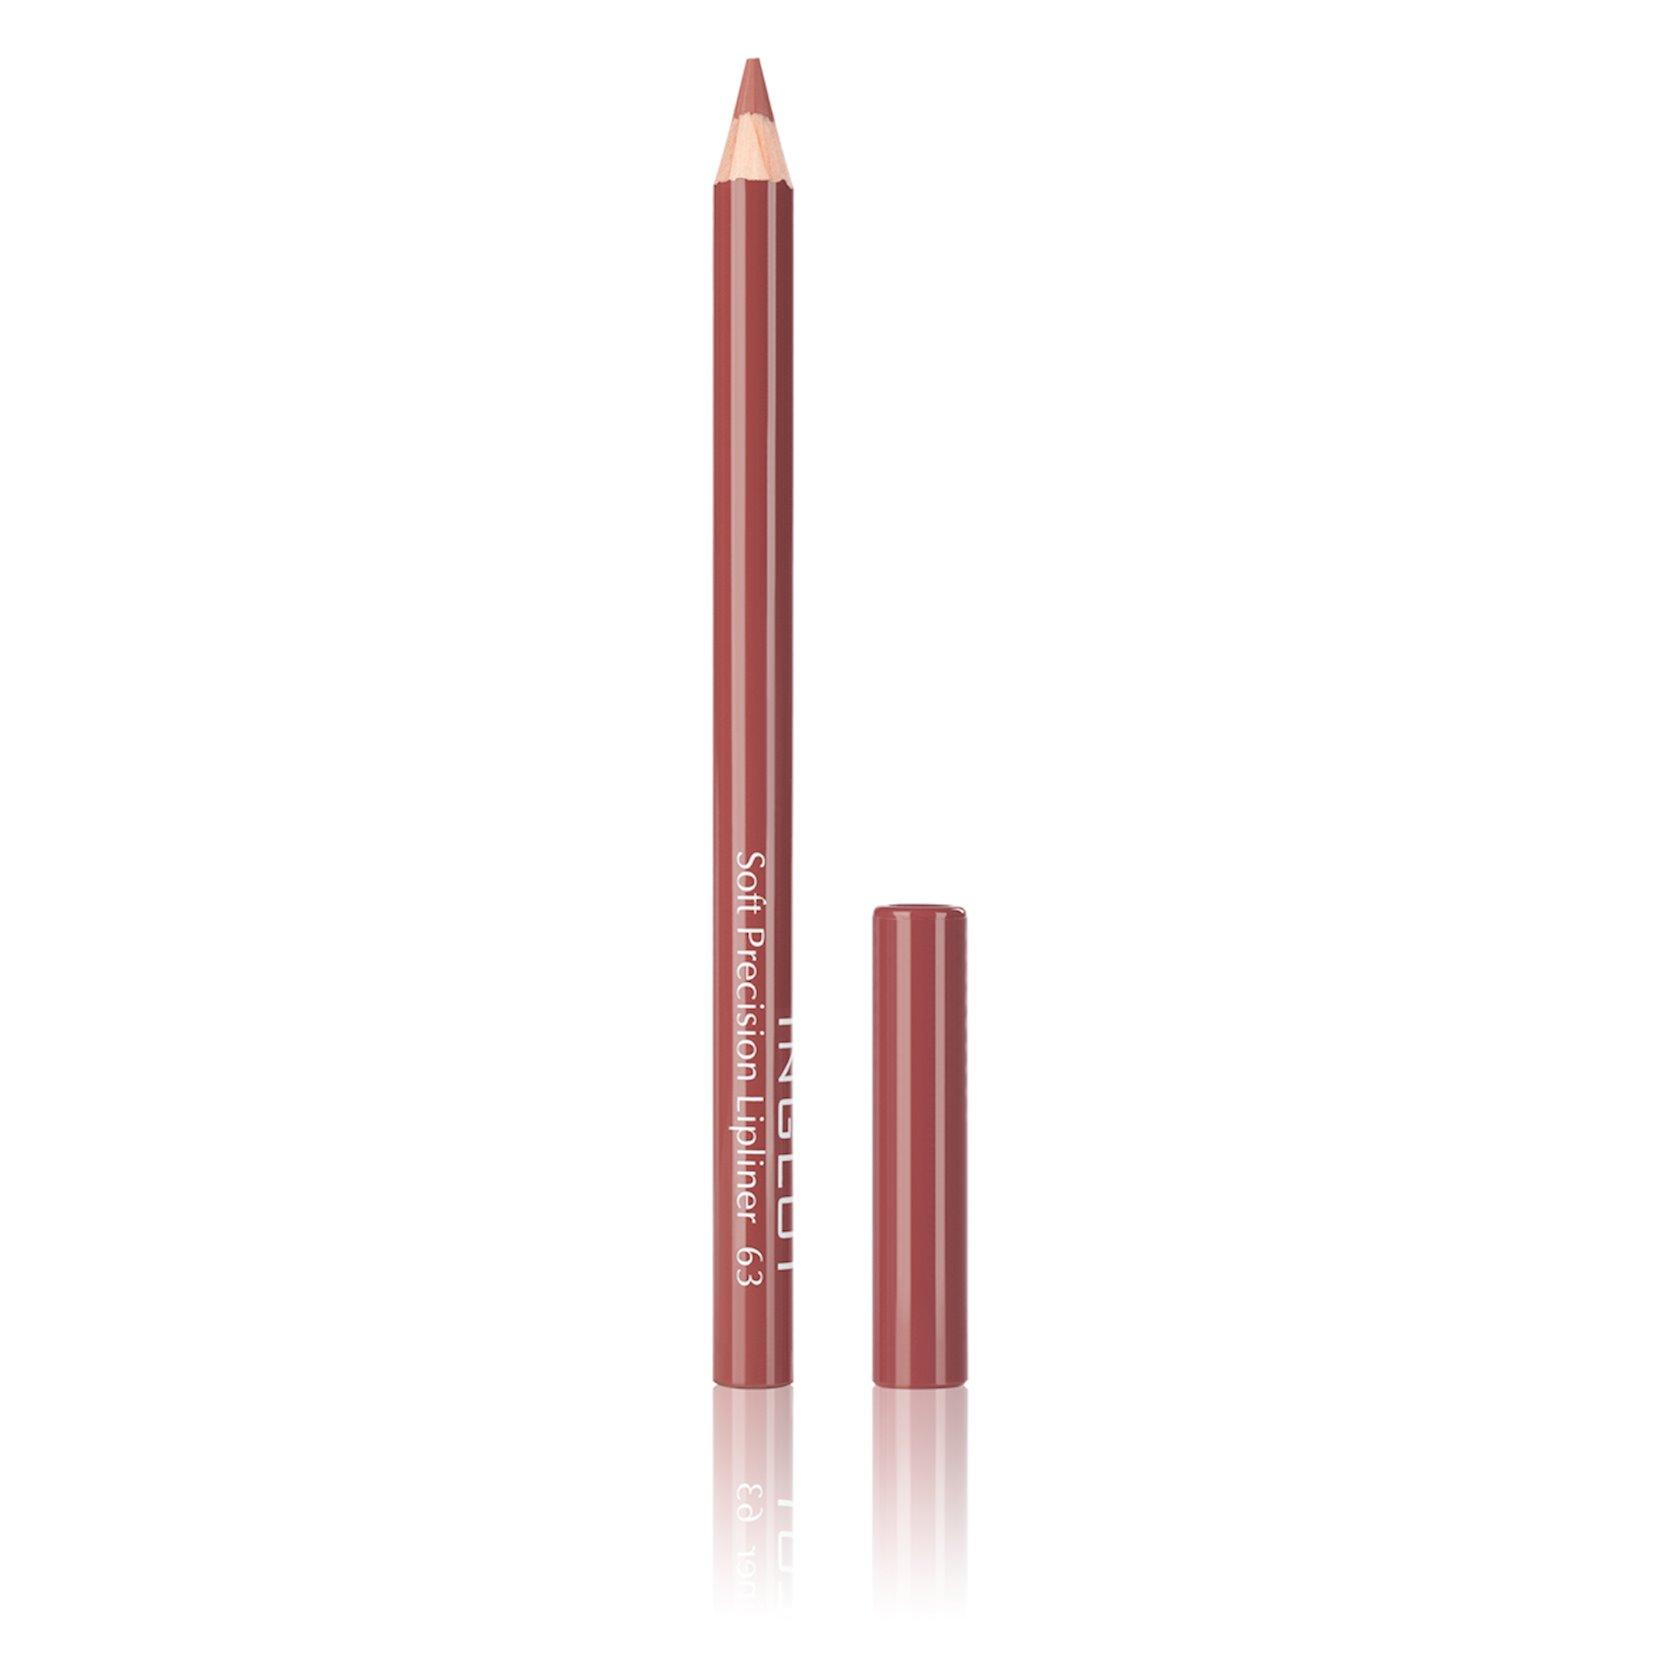 Dodaq makiyajı üçün dəst Inglot Makeup Set for Lips Pure Nude